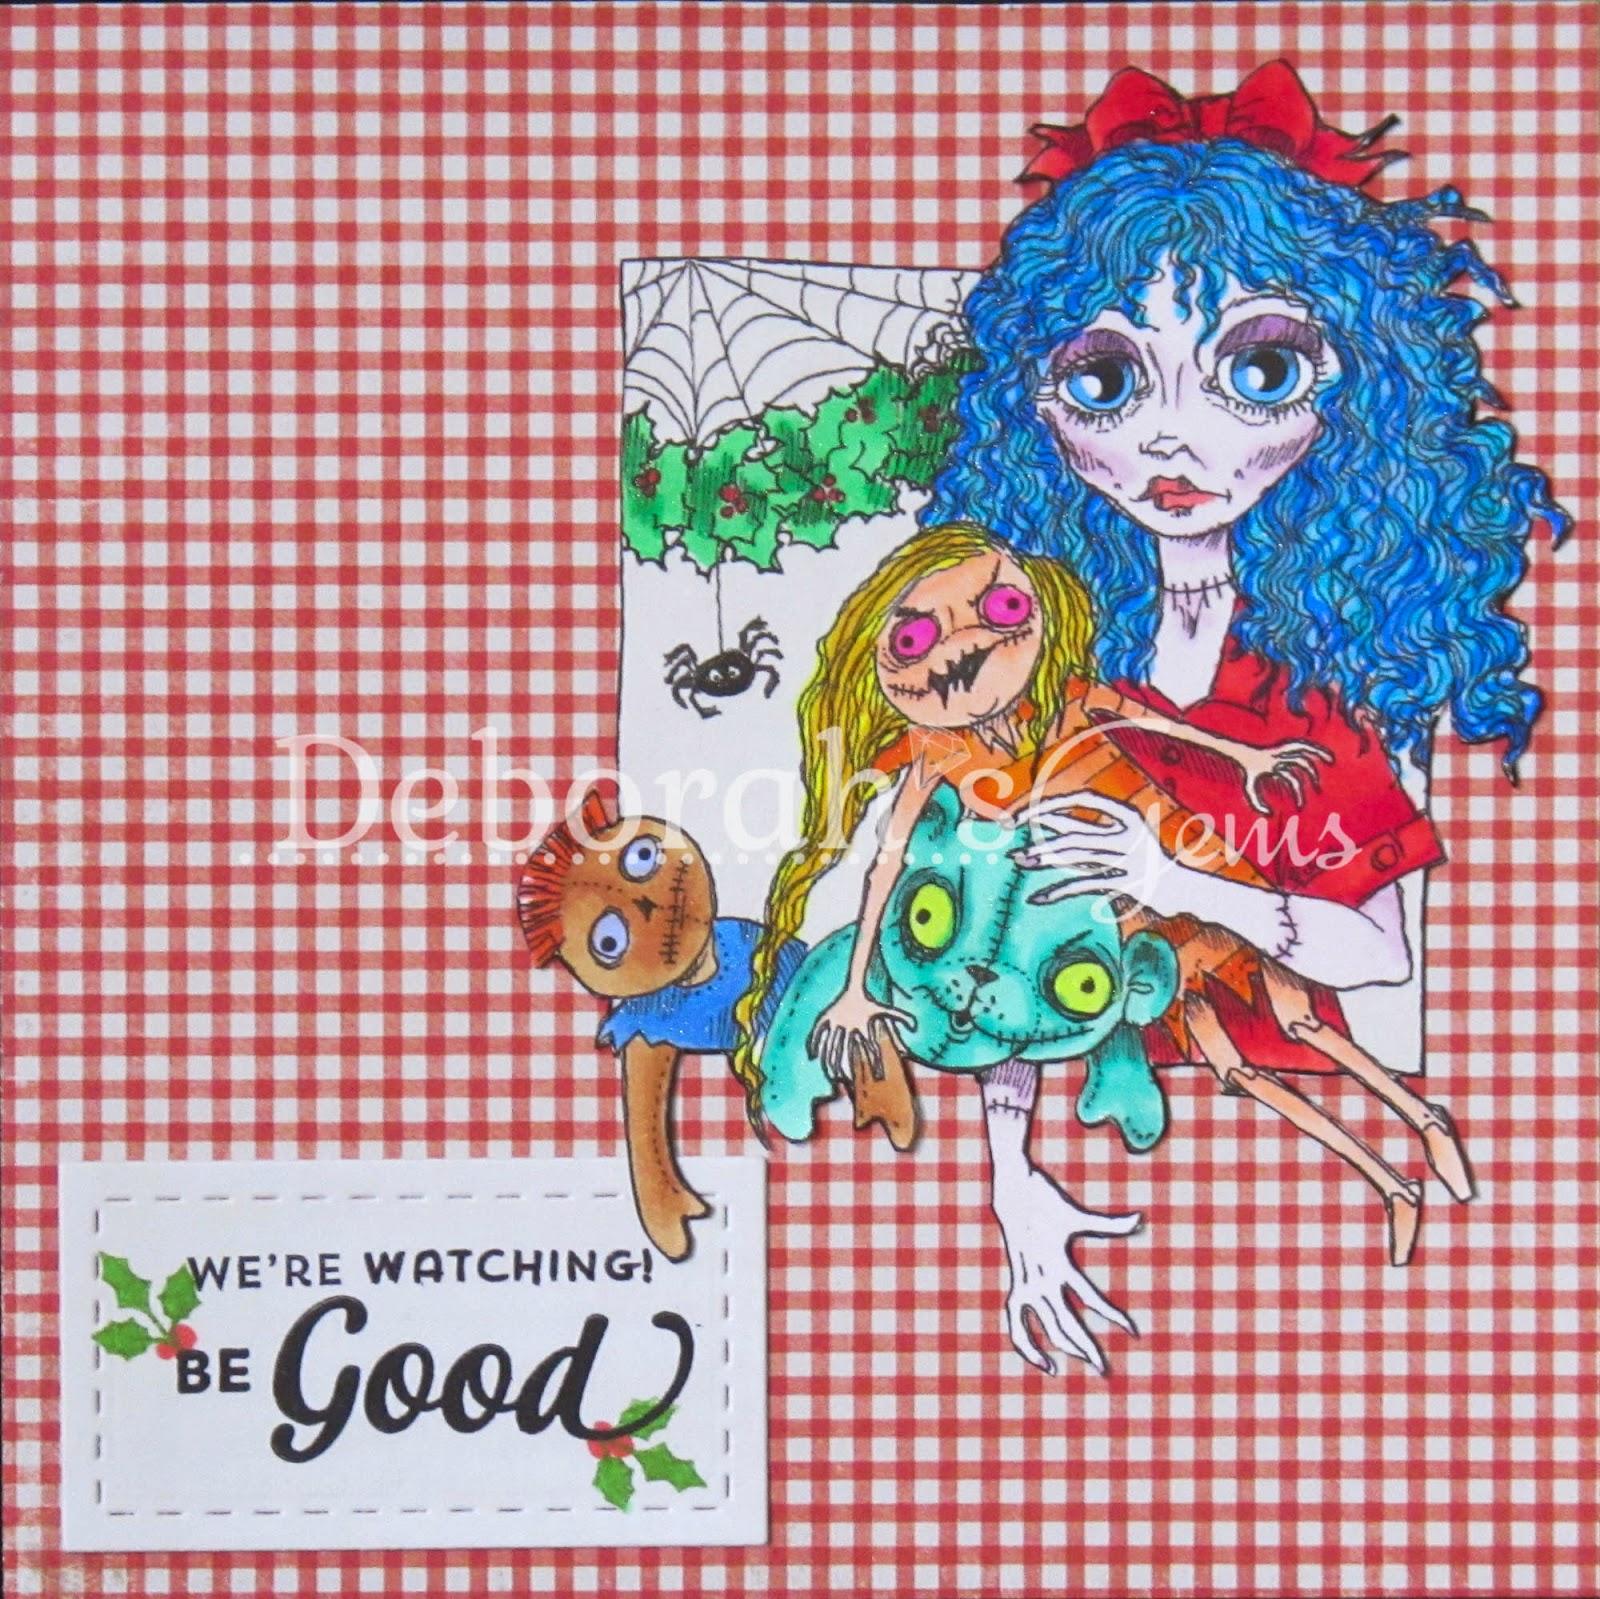 Be Good - photo by Deborah Frings - Deborah's Gems